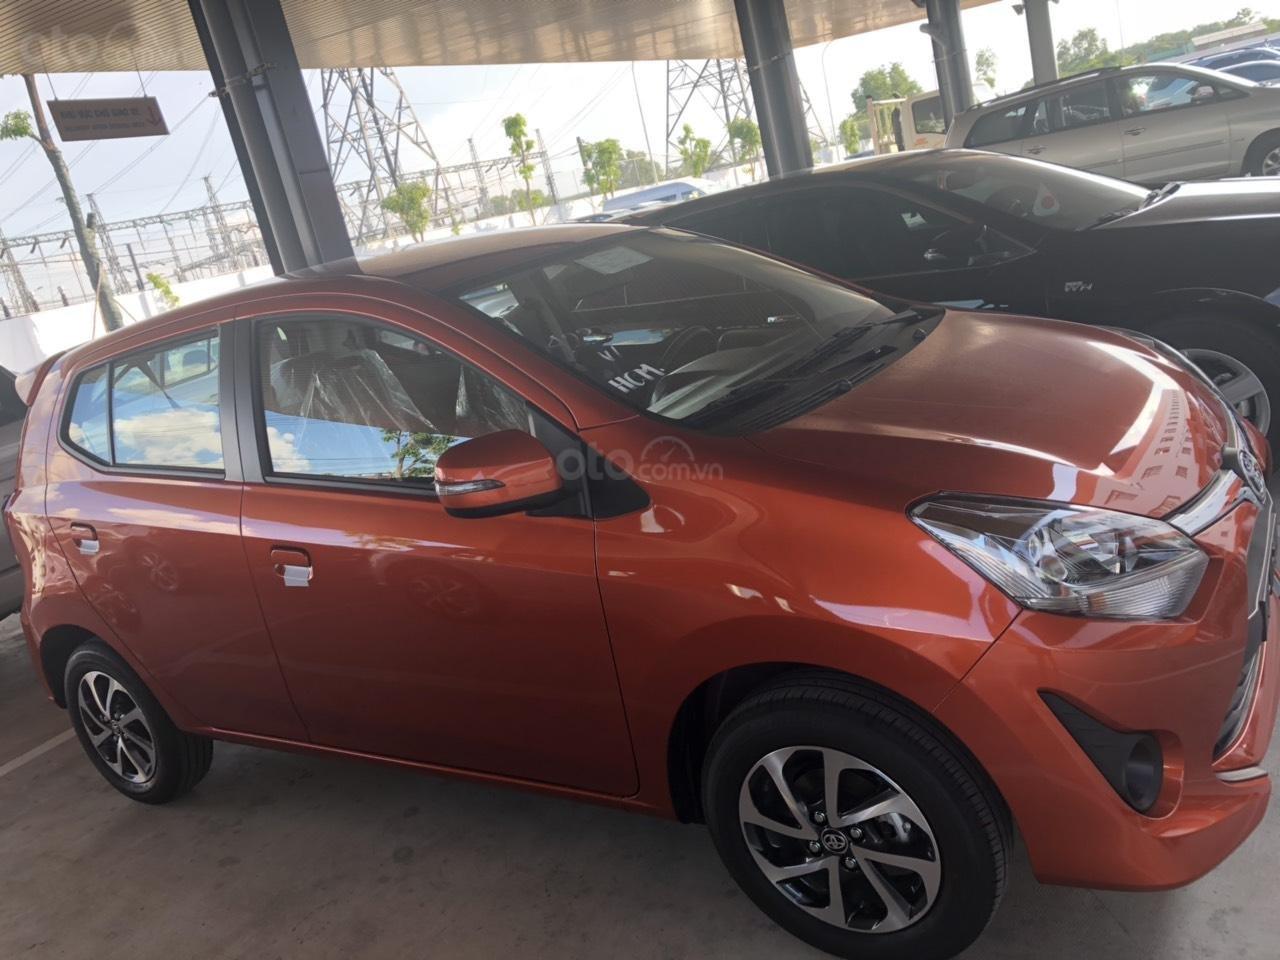 Bán xe Toyota Wigo 1.2 số sàn 2019, màu cam, nhập khẩu-2